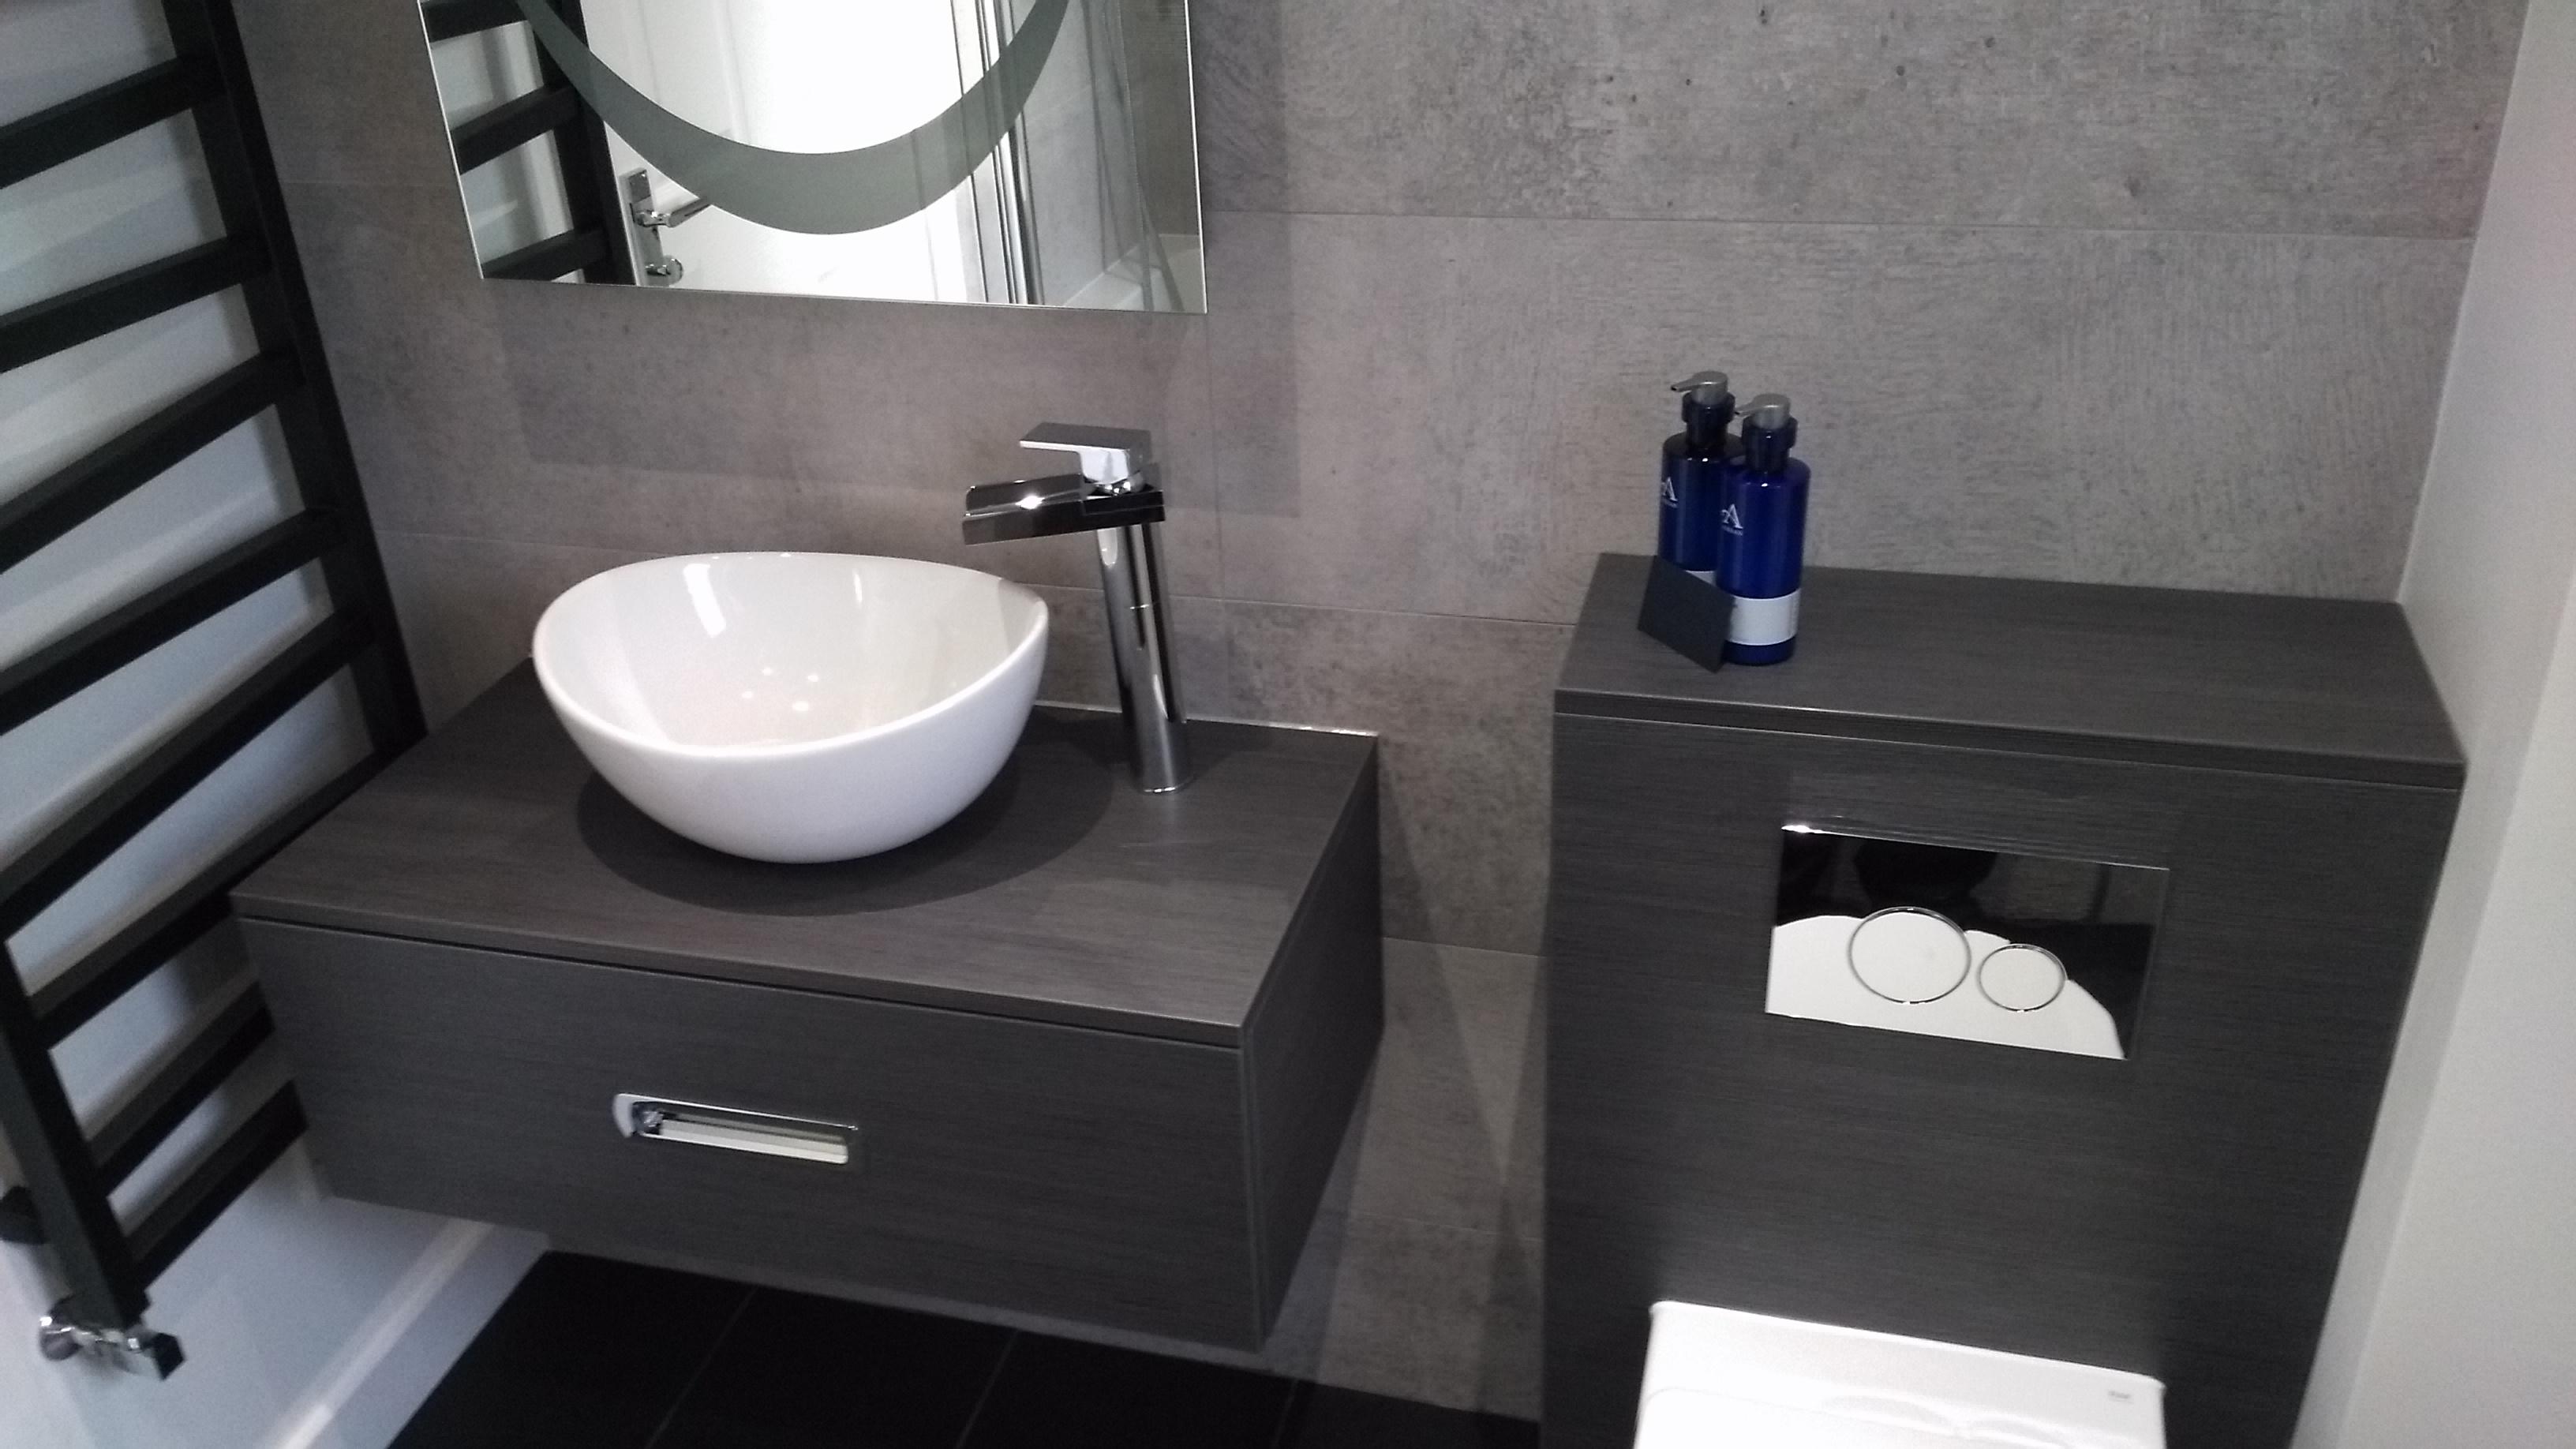 Dark Wood laminate vanity unit and concealed cistern